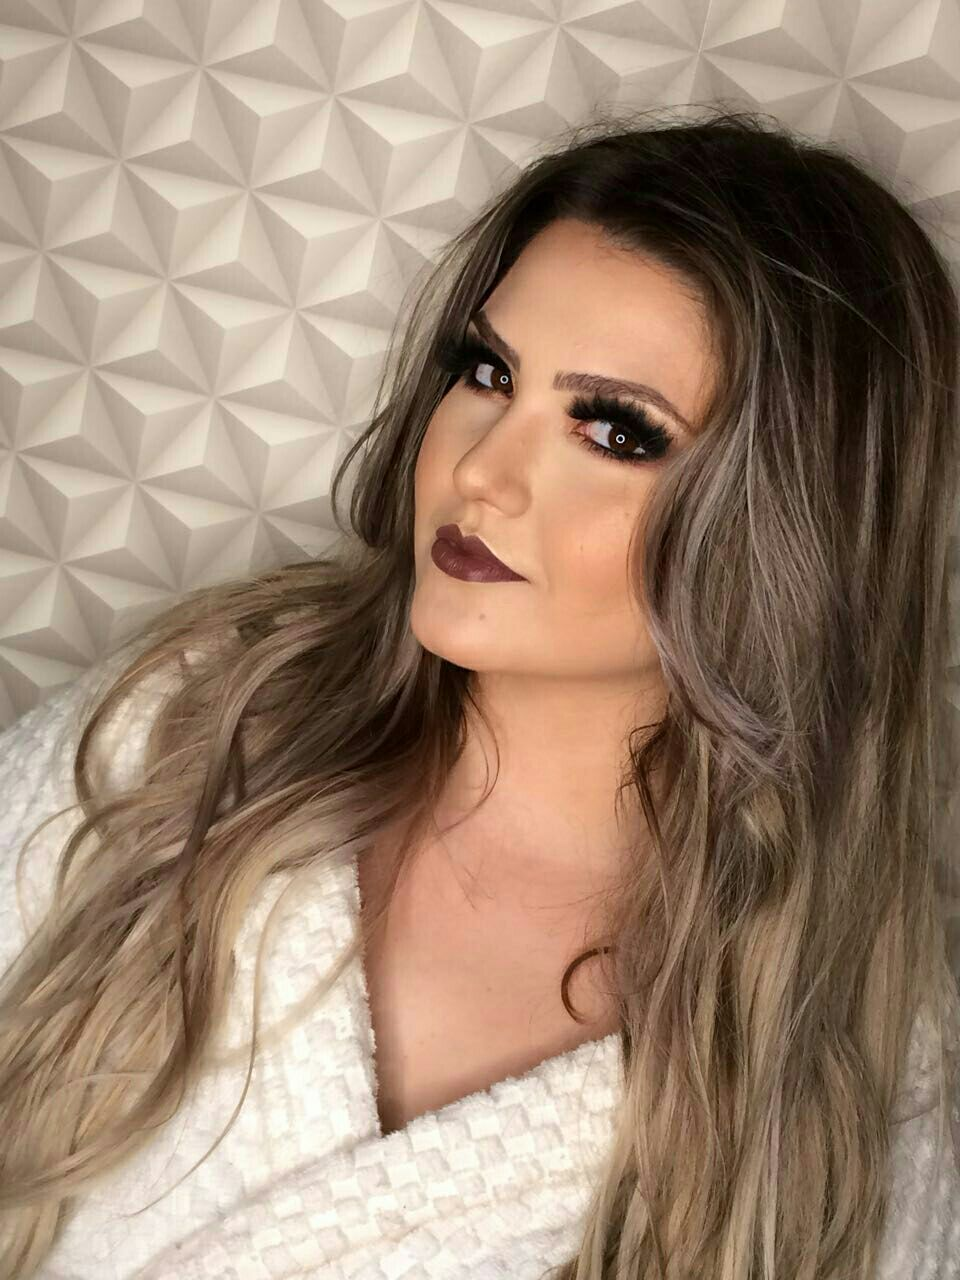 Maquiagem executada ppr @carlarubinhomua  Inspiração para Noivas/ Madrinhas/ Formandas maquiador(a) maquiador(a) maquiador(a)